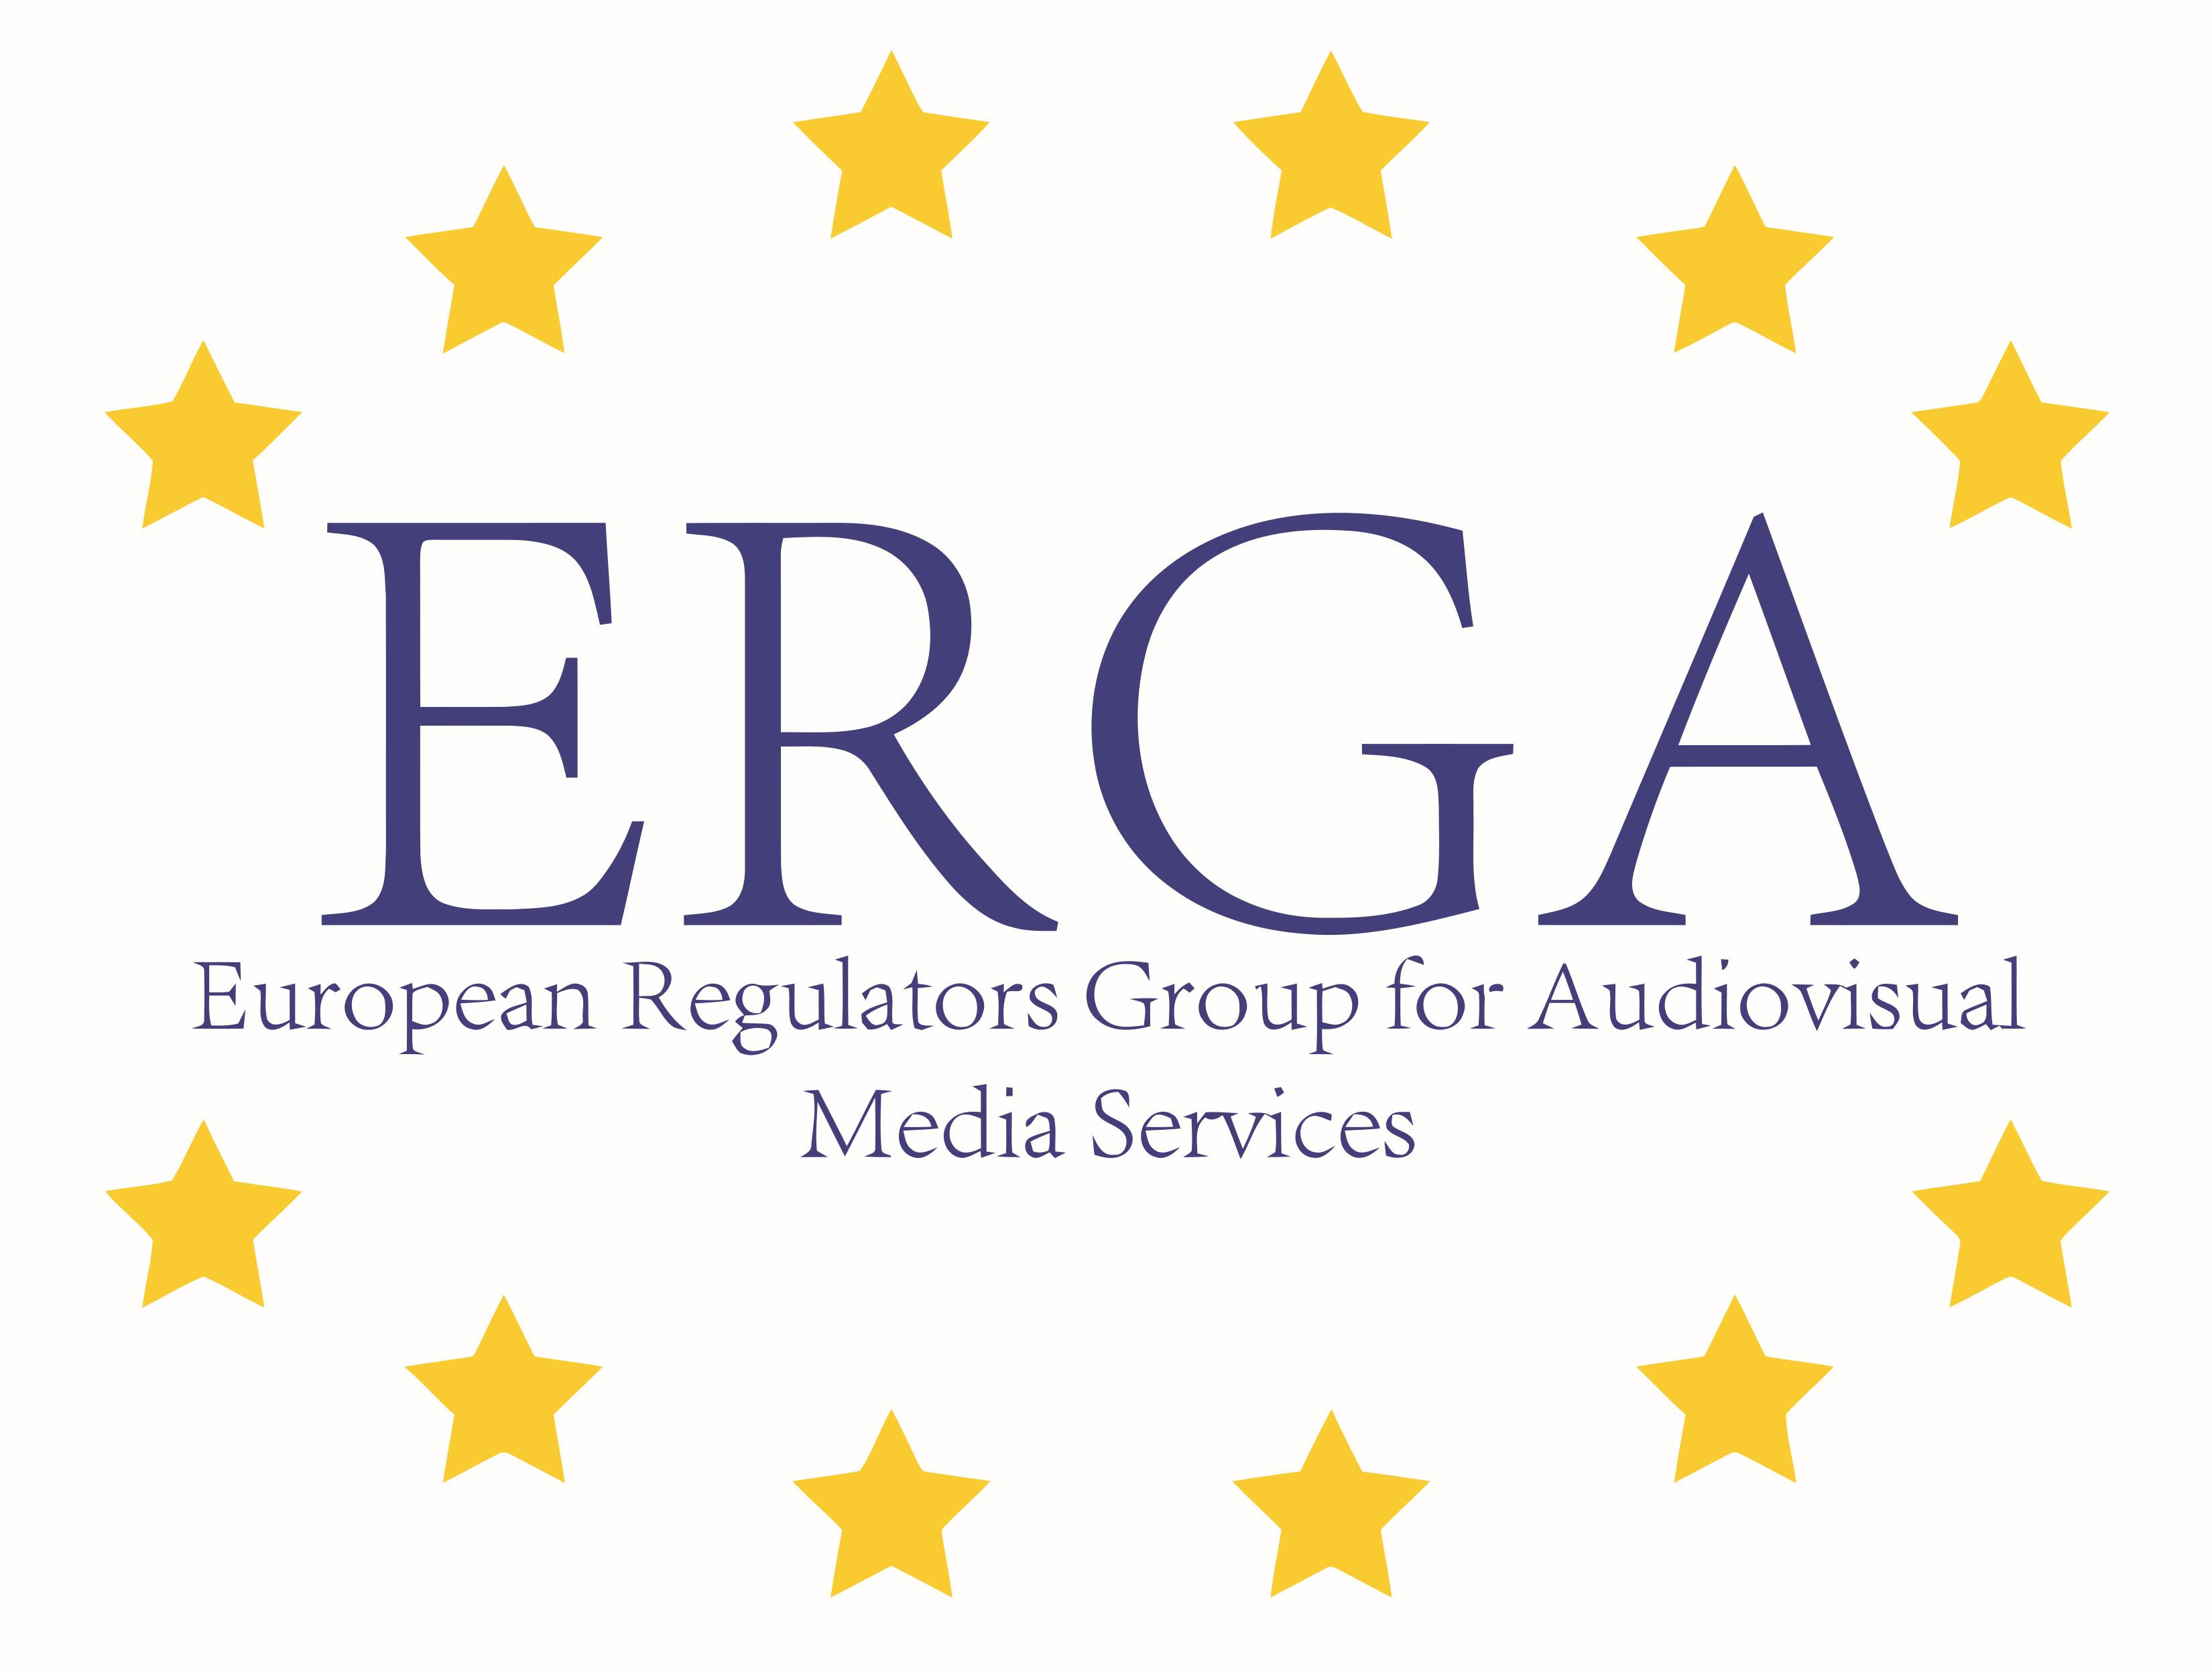 ERGA logo